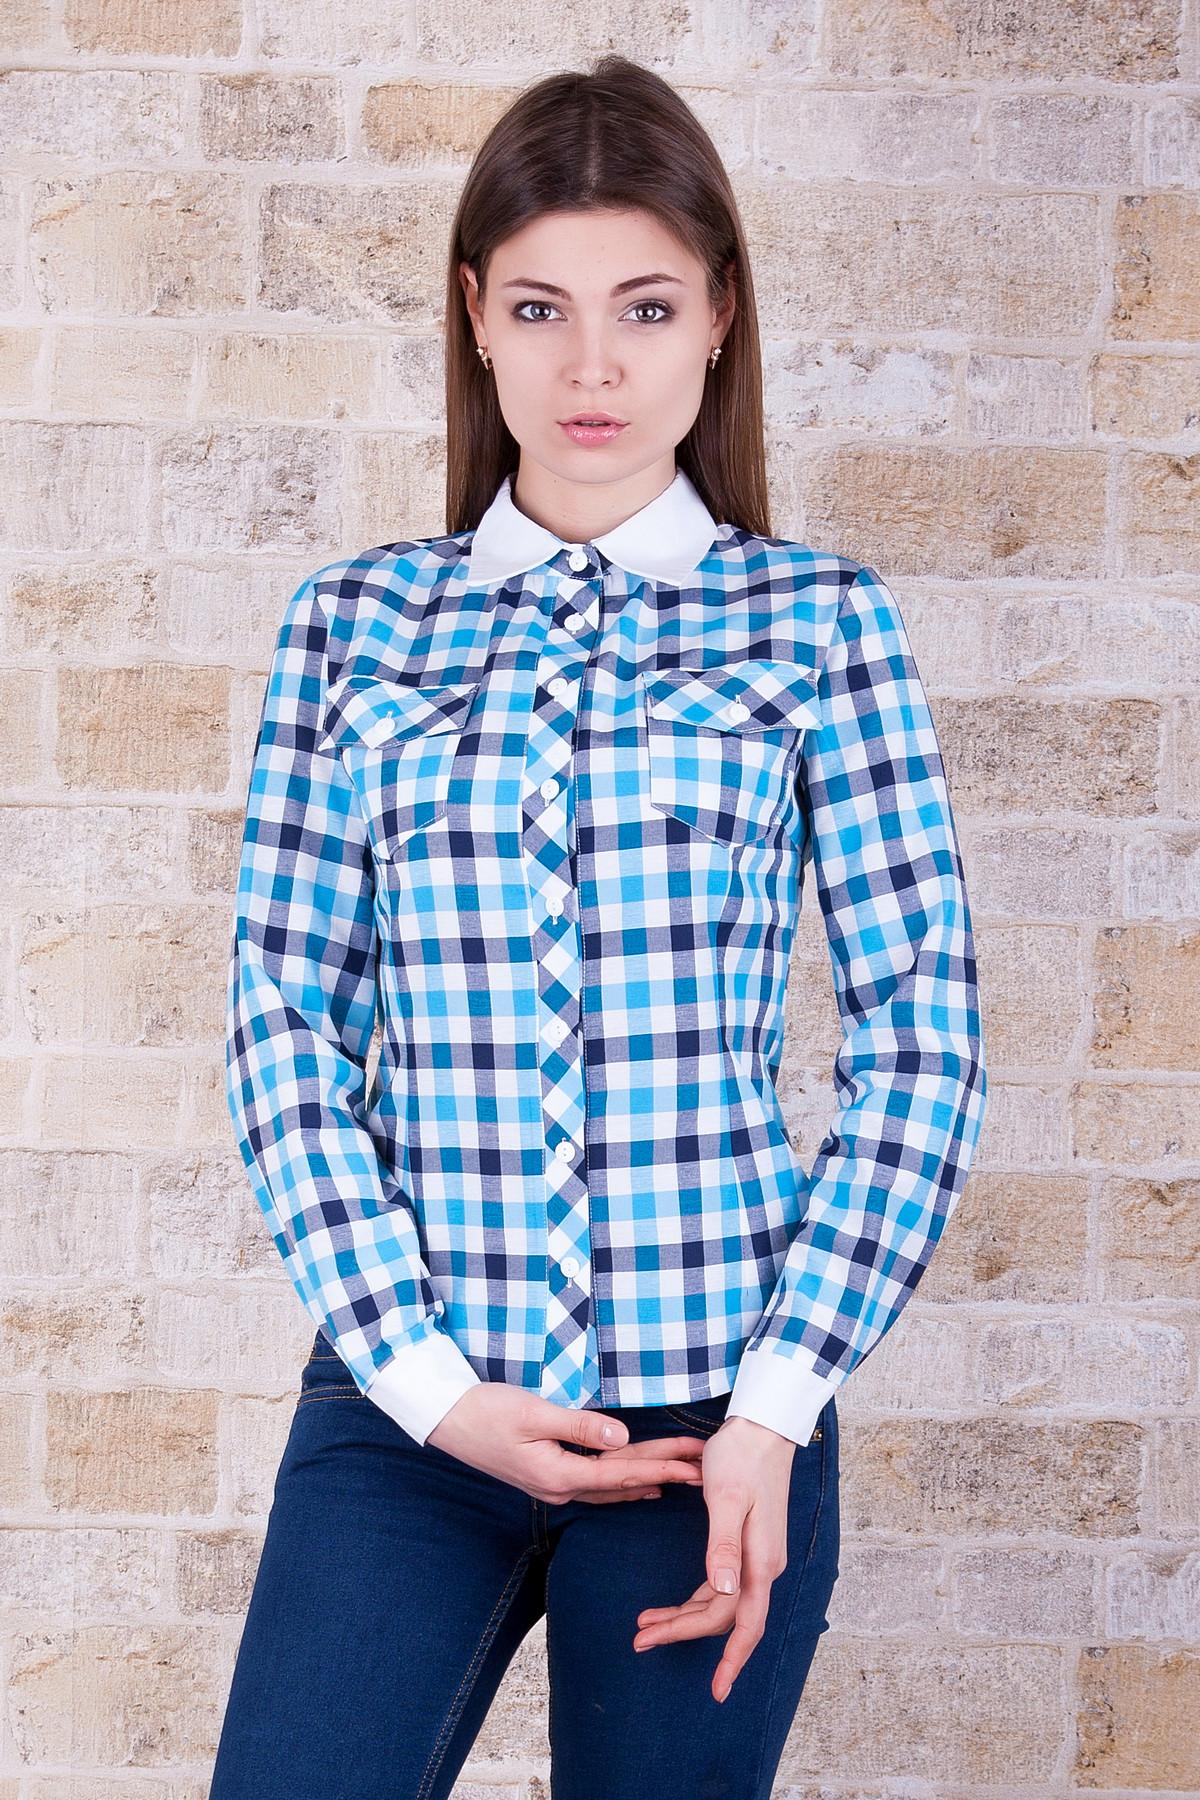 3211d27a8ce стильная клетчатая рубашка. блуза Техас д р. Цвет  голубой-клетка крупн